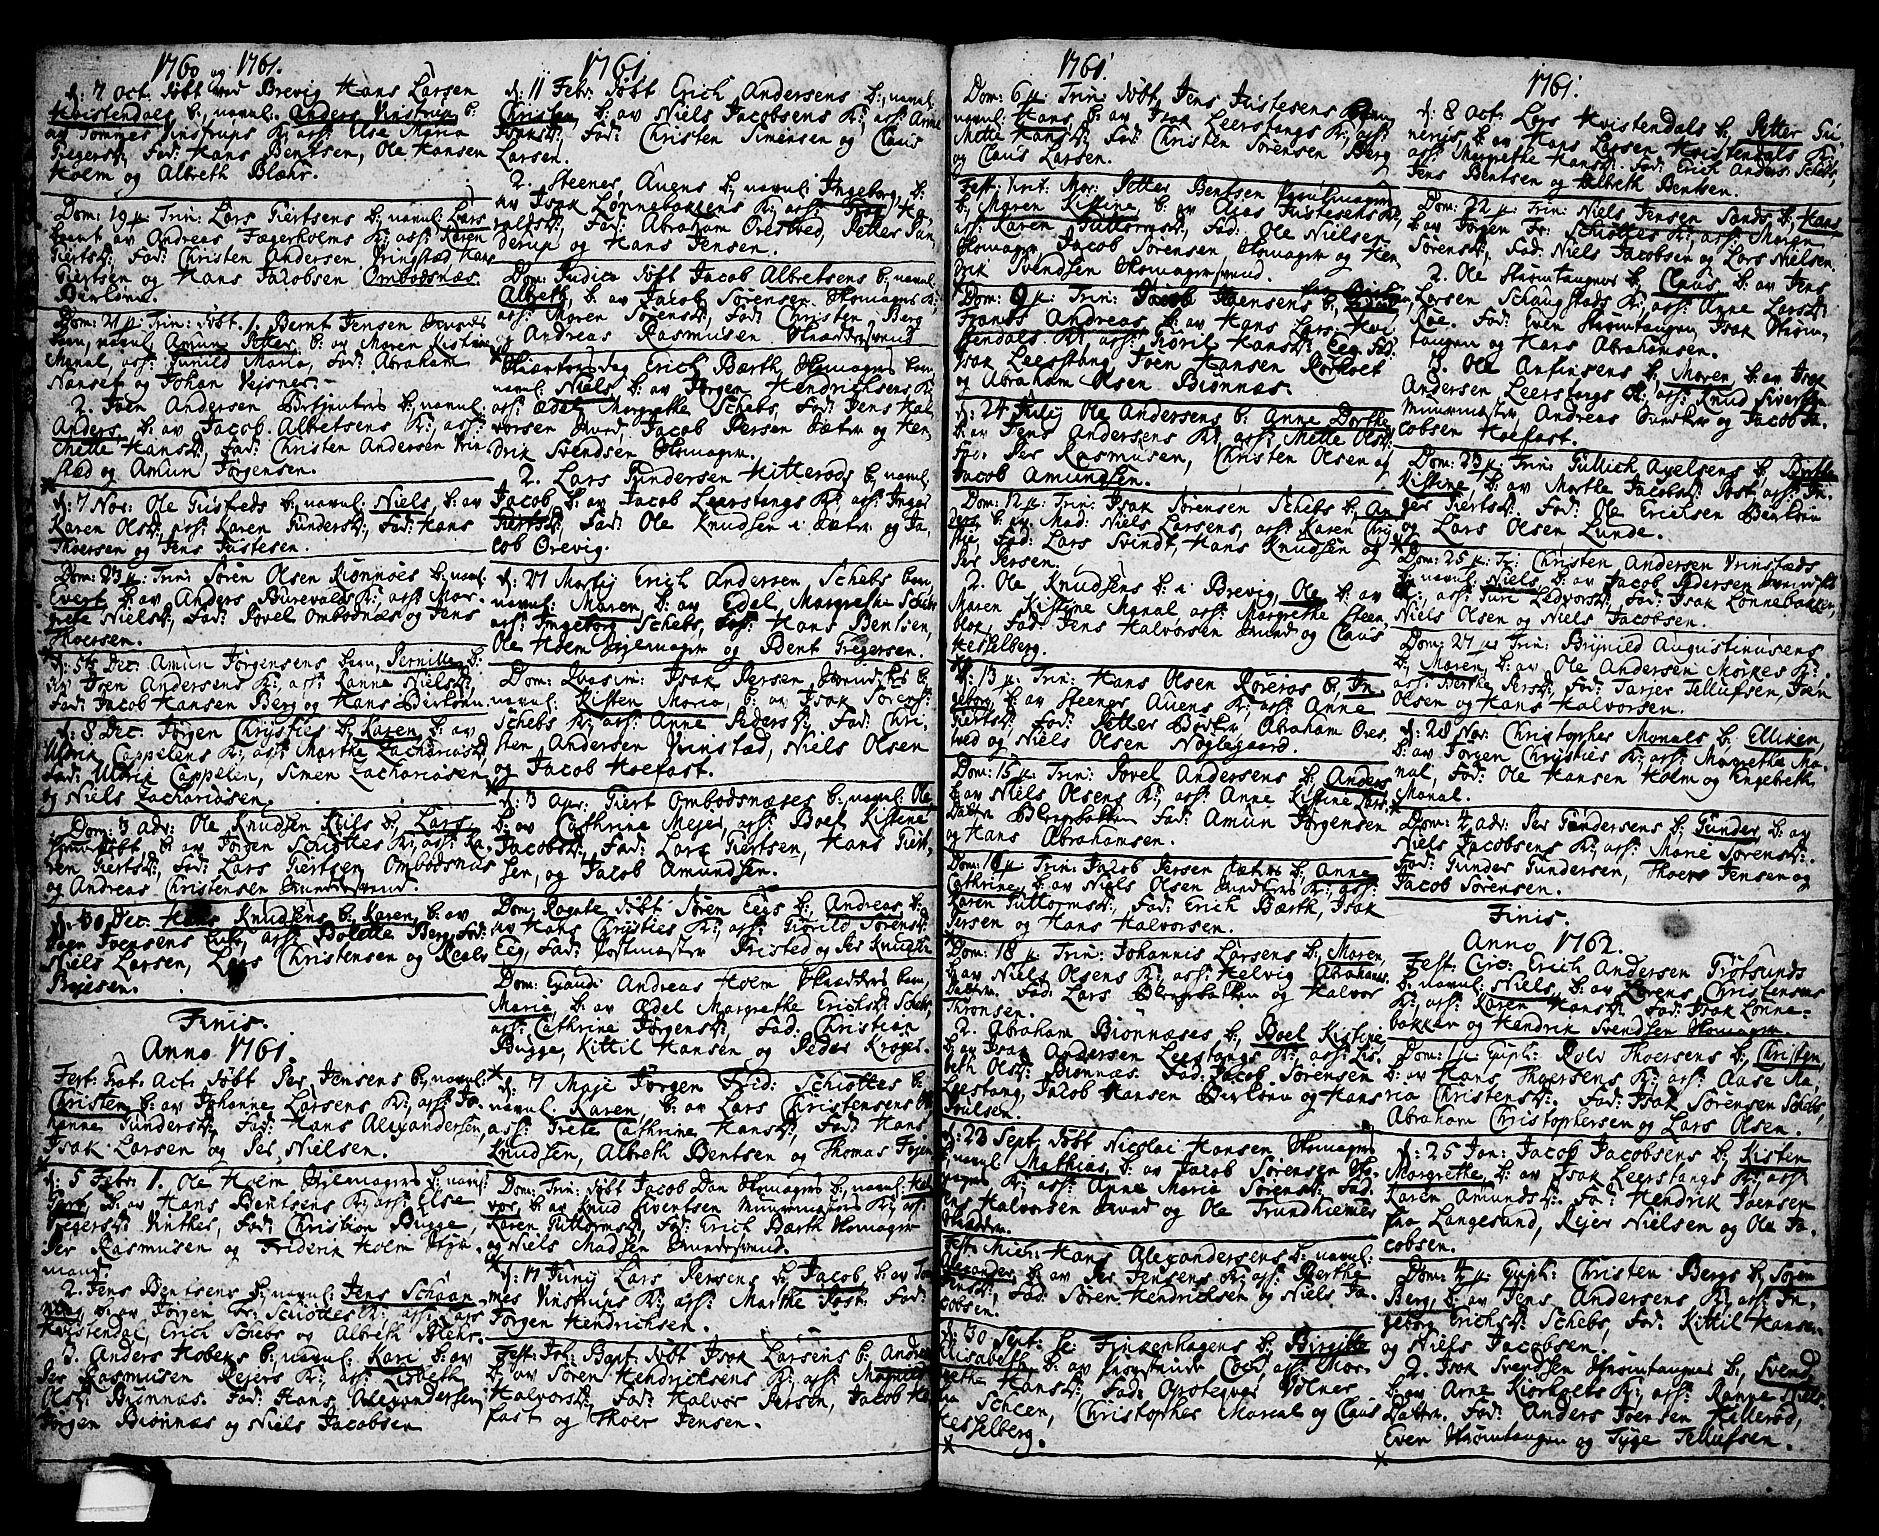 SAKO, Brevik kirkebøker, F/Fa/L0002: Ministerialbok nr. 2, 1720-1764, s. 35h